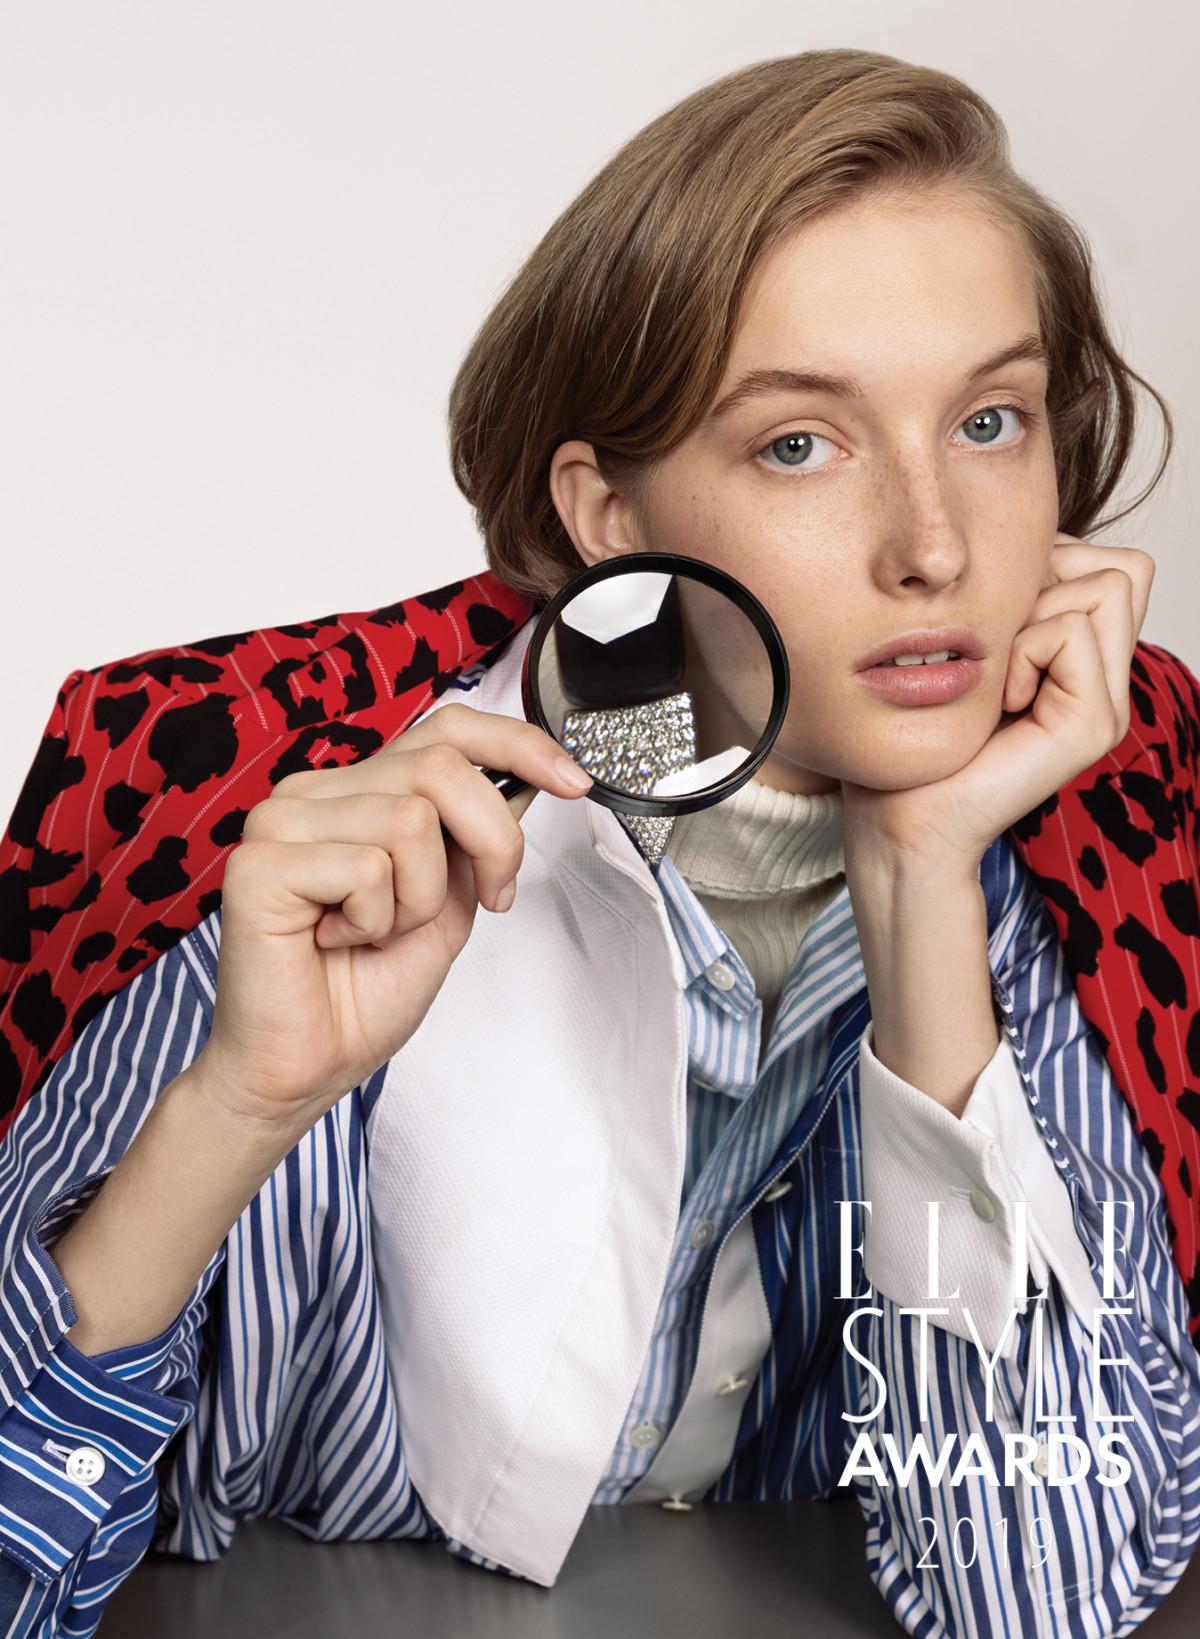 Катерина Зуб – победитель в номинации «Модель года»